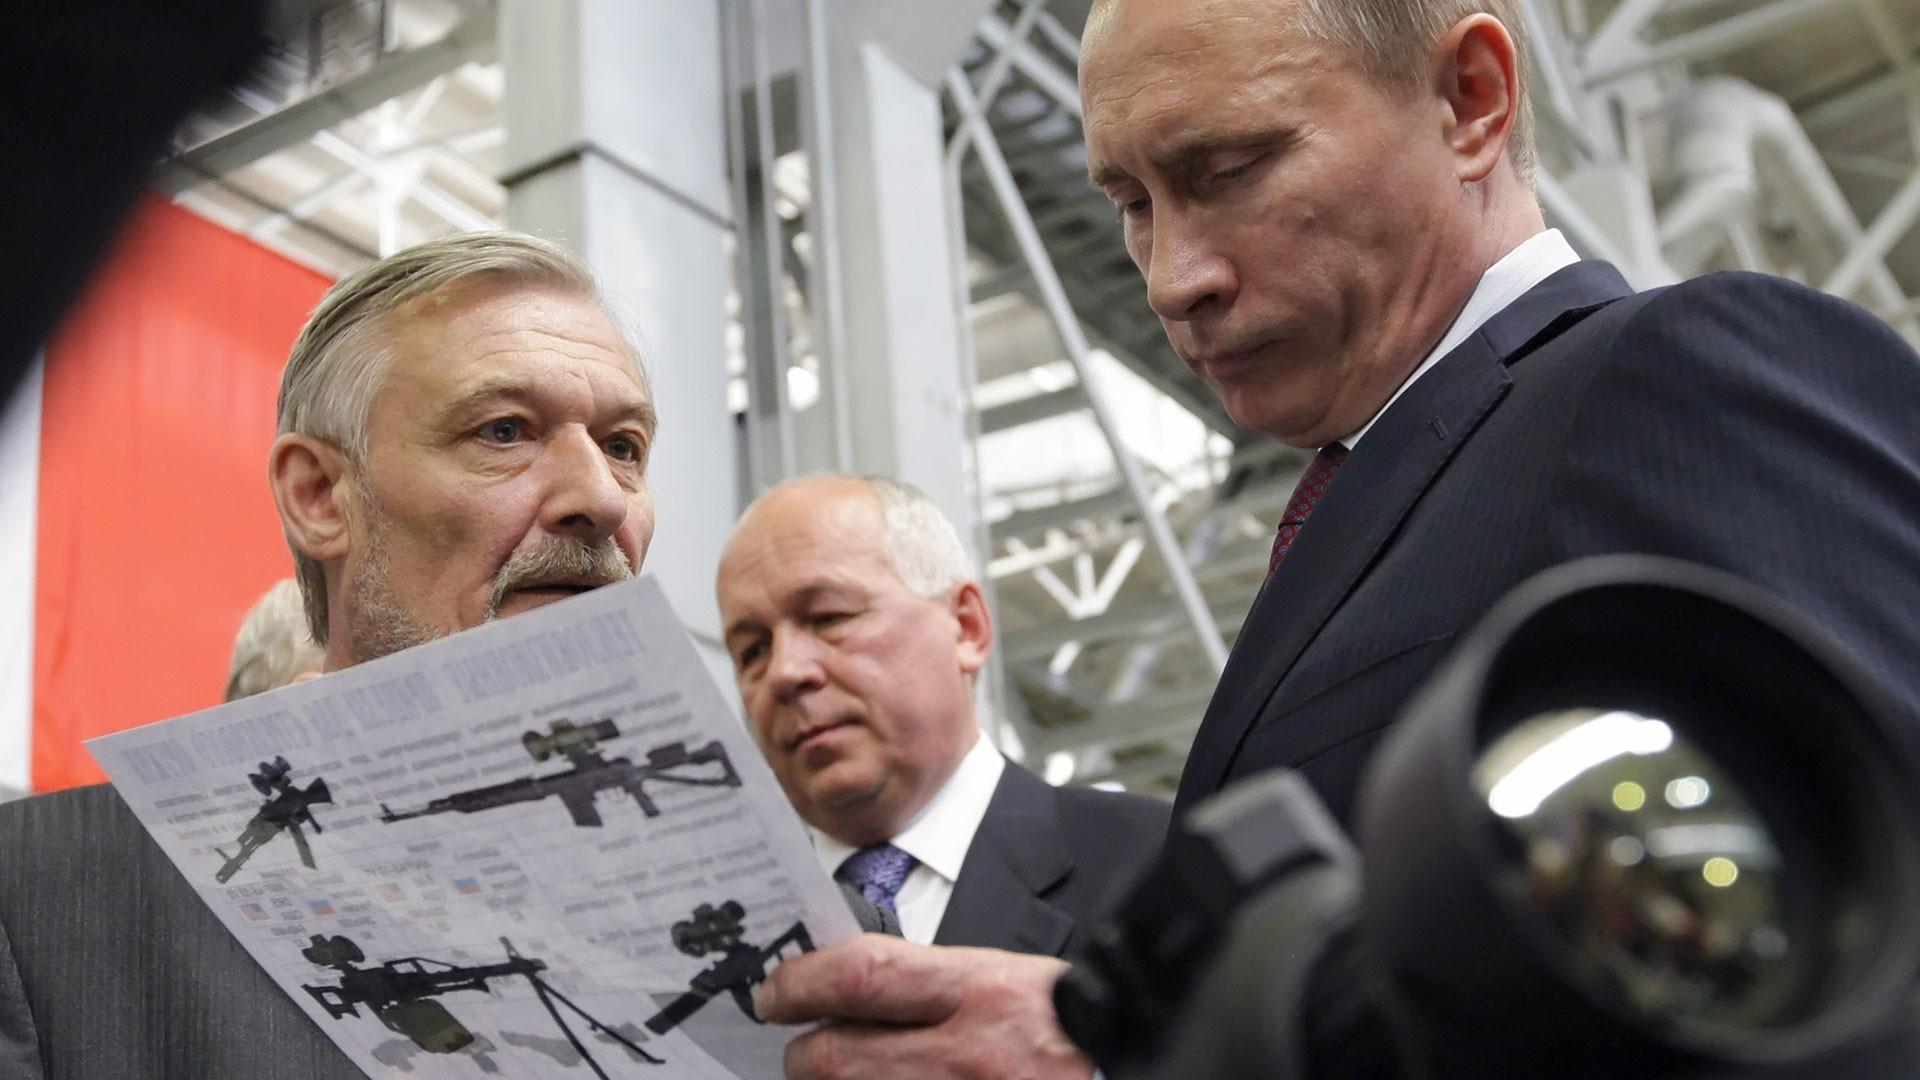 Фото ©РИА Новости/Алексей Никольский